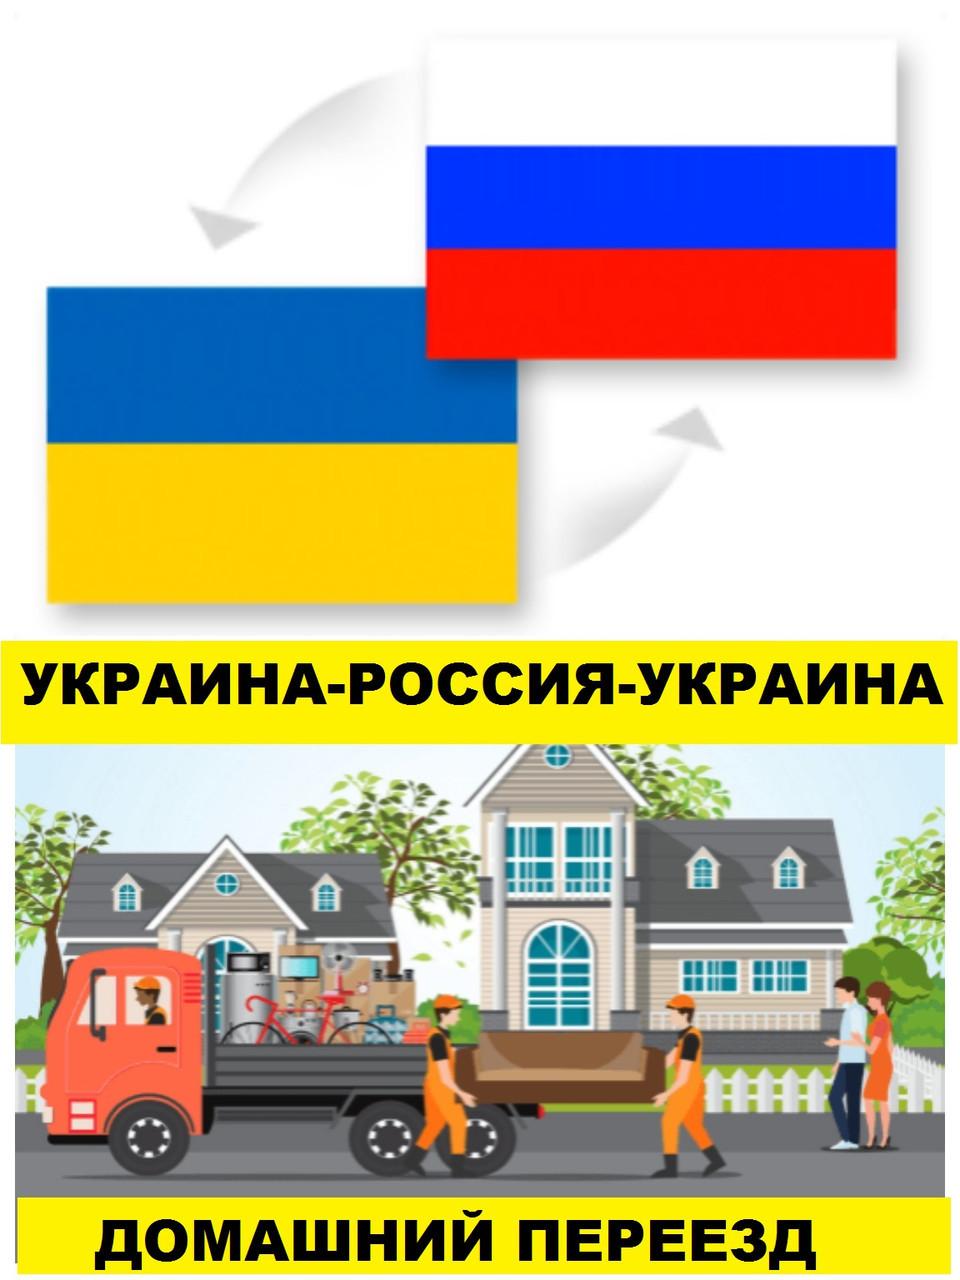 Международный переезд из Киева в Йошкар-Олу. Перевозка личных вещей, мебели в  Россию, СНГ